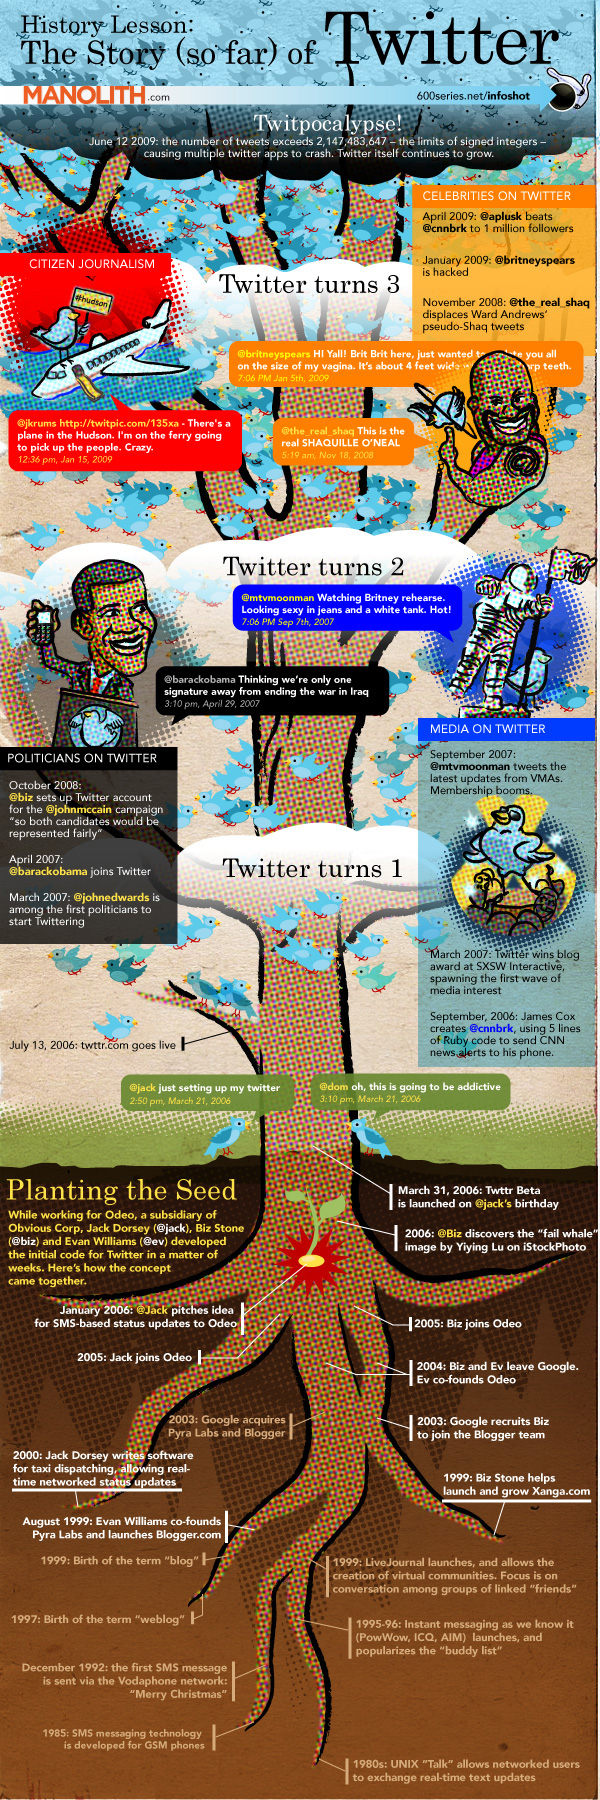 histoire-de-twitter